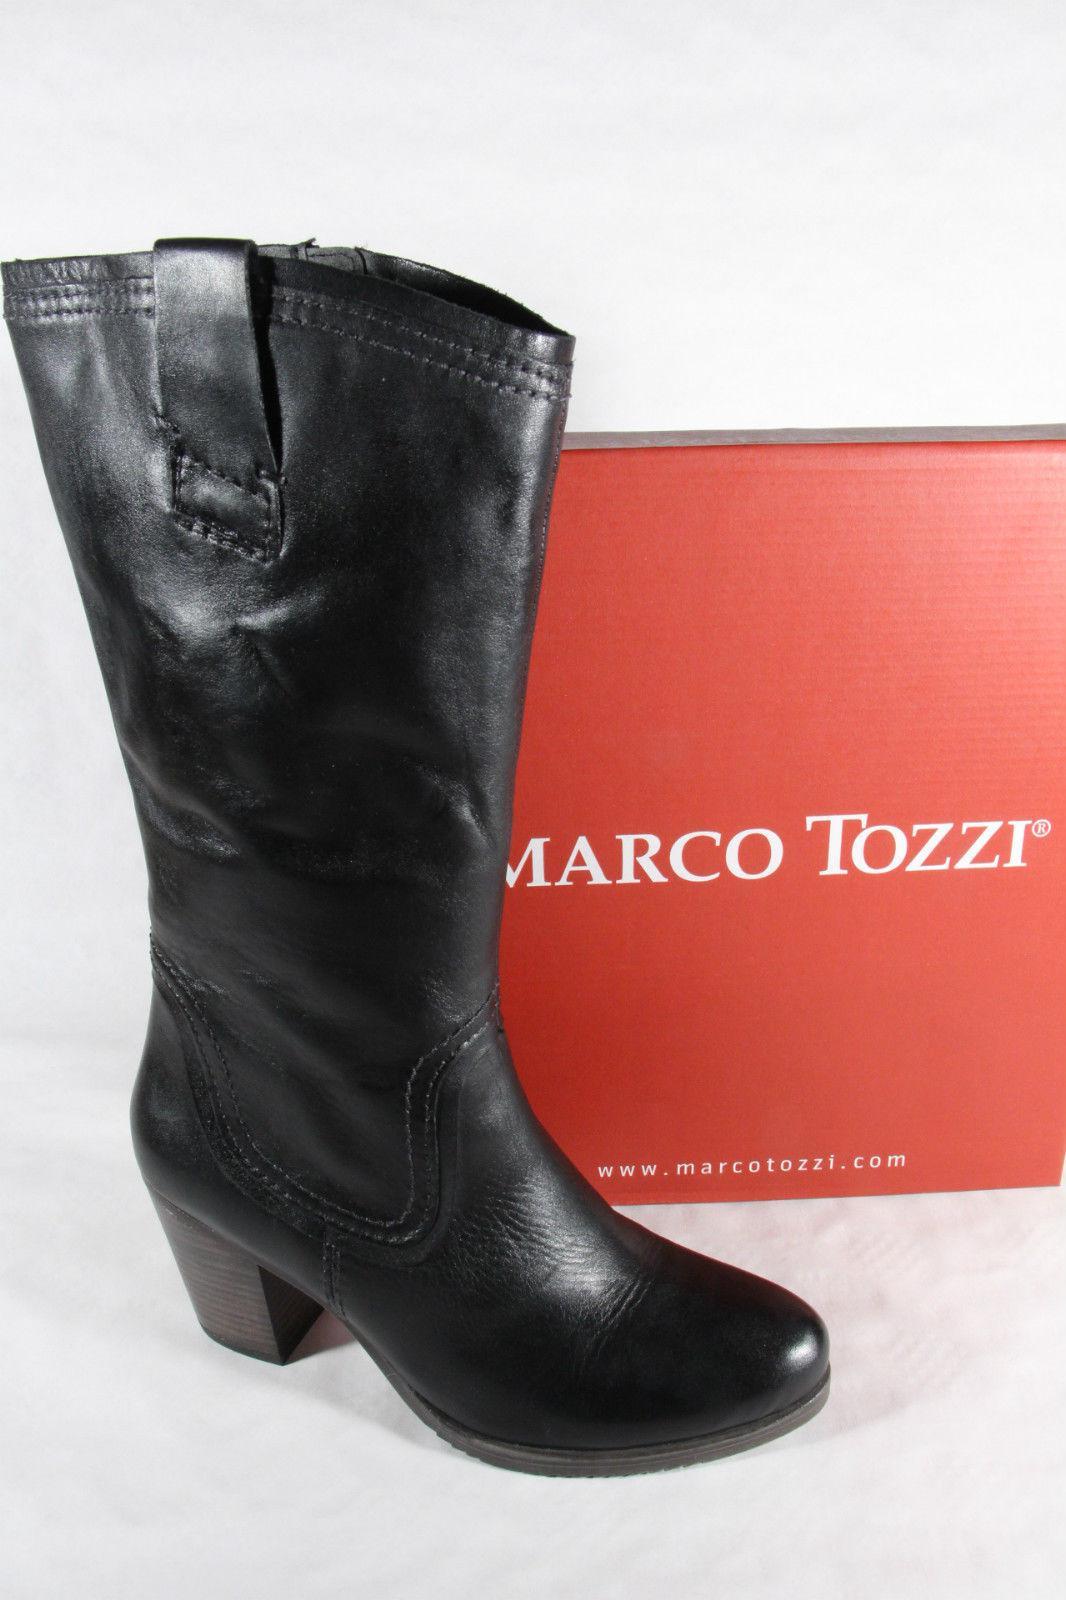 marco tozzi stiefel schwarz leicht gef ttert rv 25574. Black Bedroom Furniture Sets. Home Design Ideas